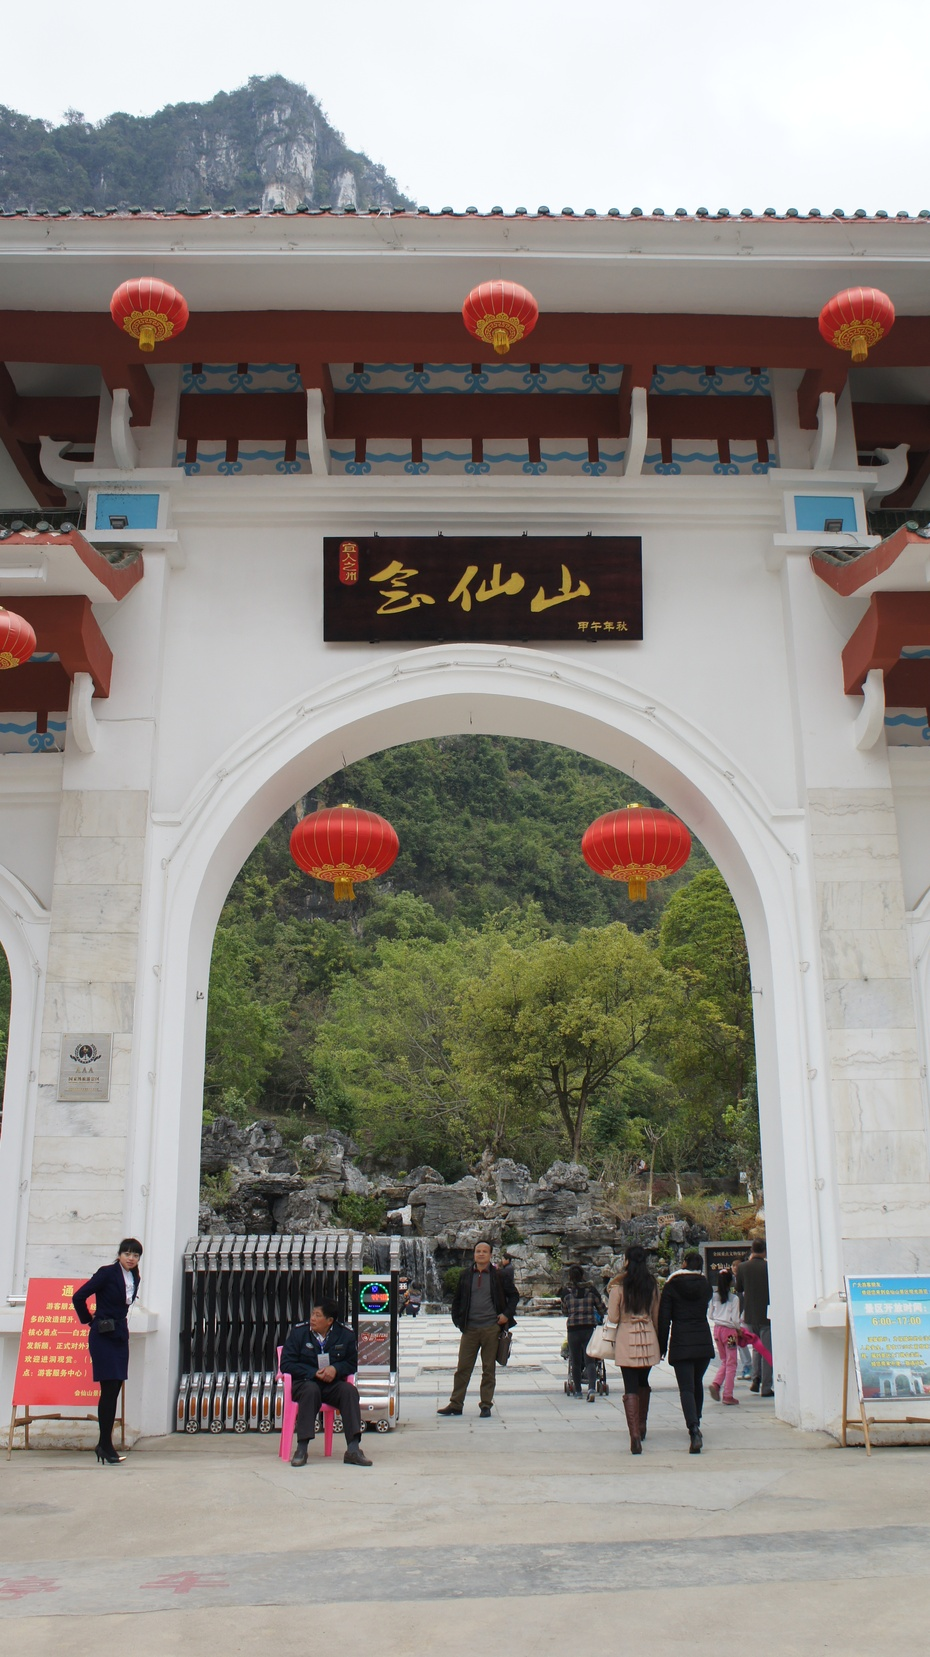 刘三姐乡位于宜州市北部,乡府所在地距宜州市区4公里,占地面积230平方